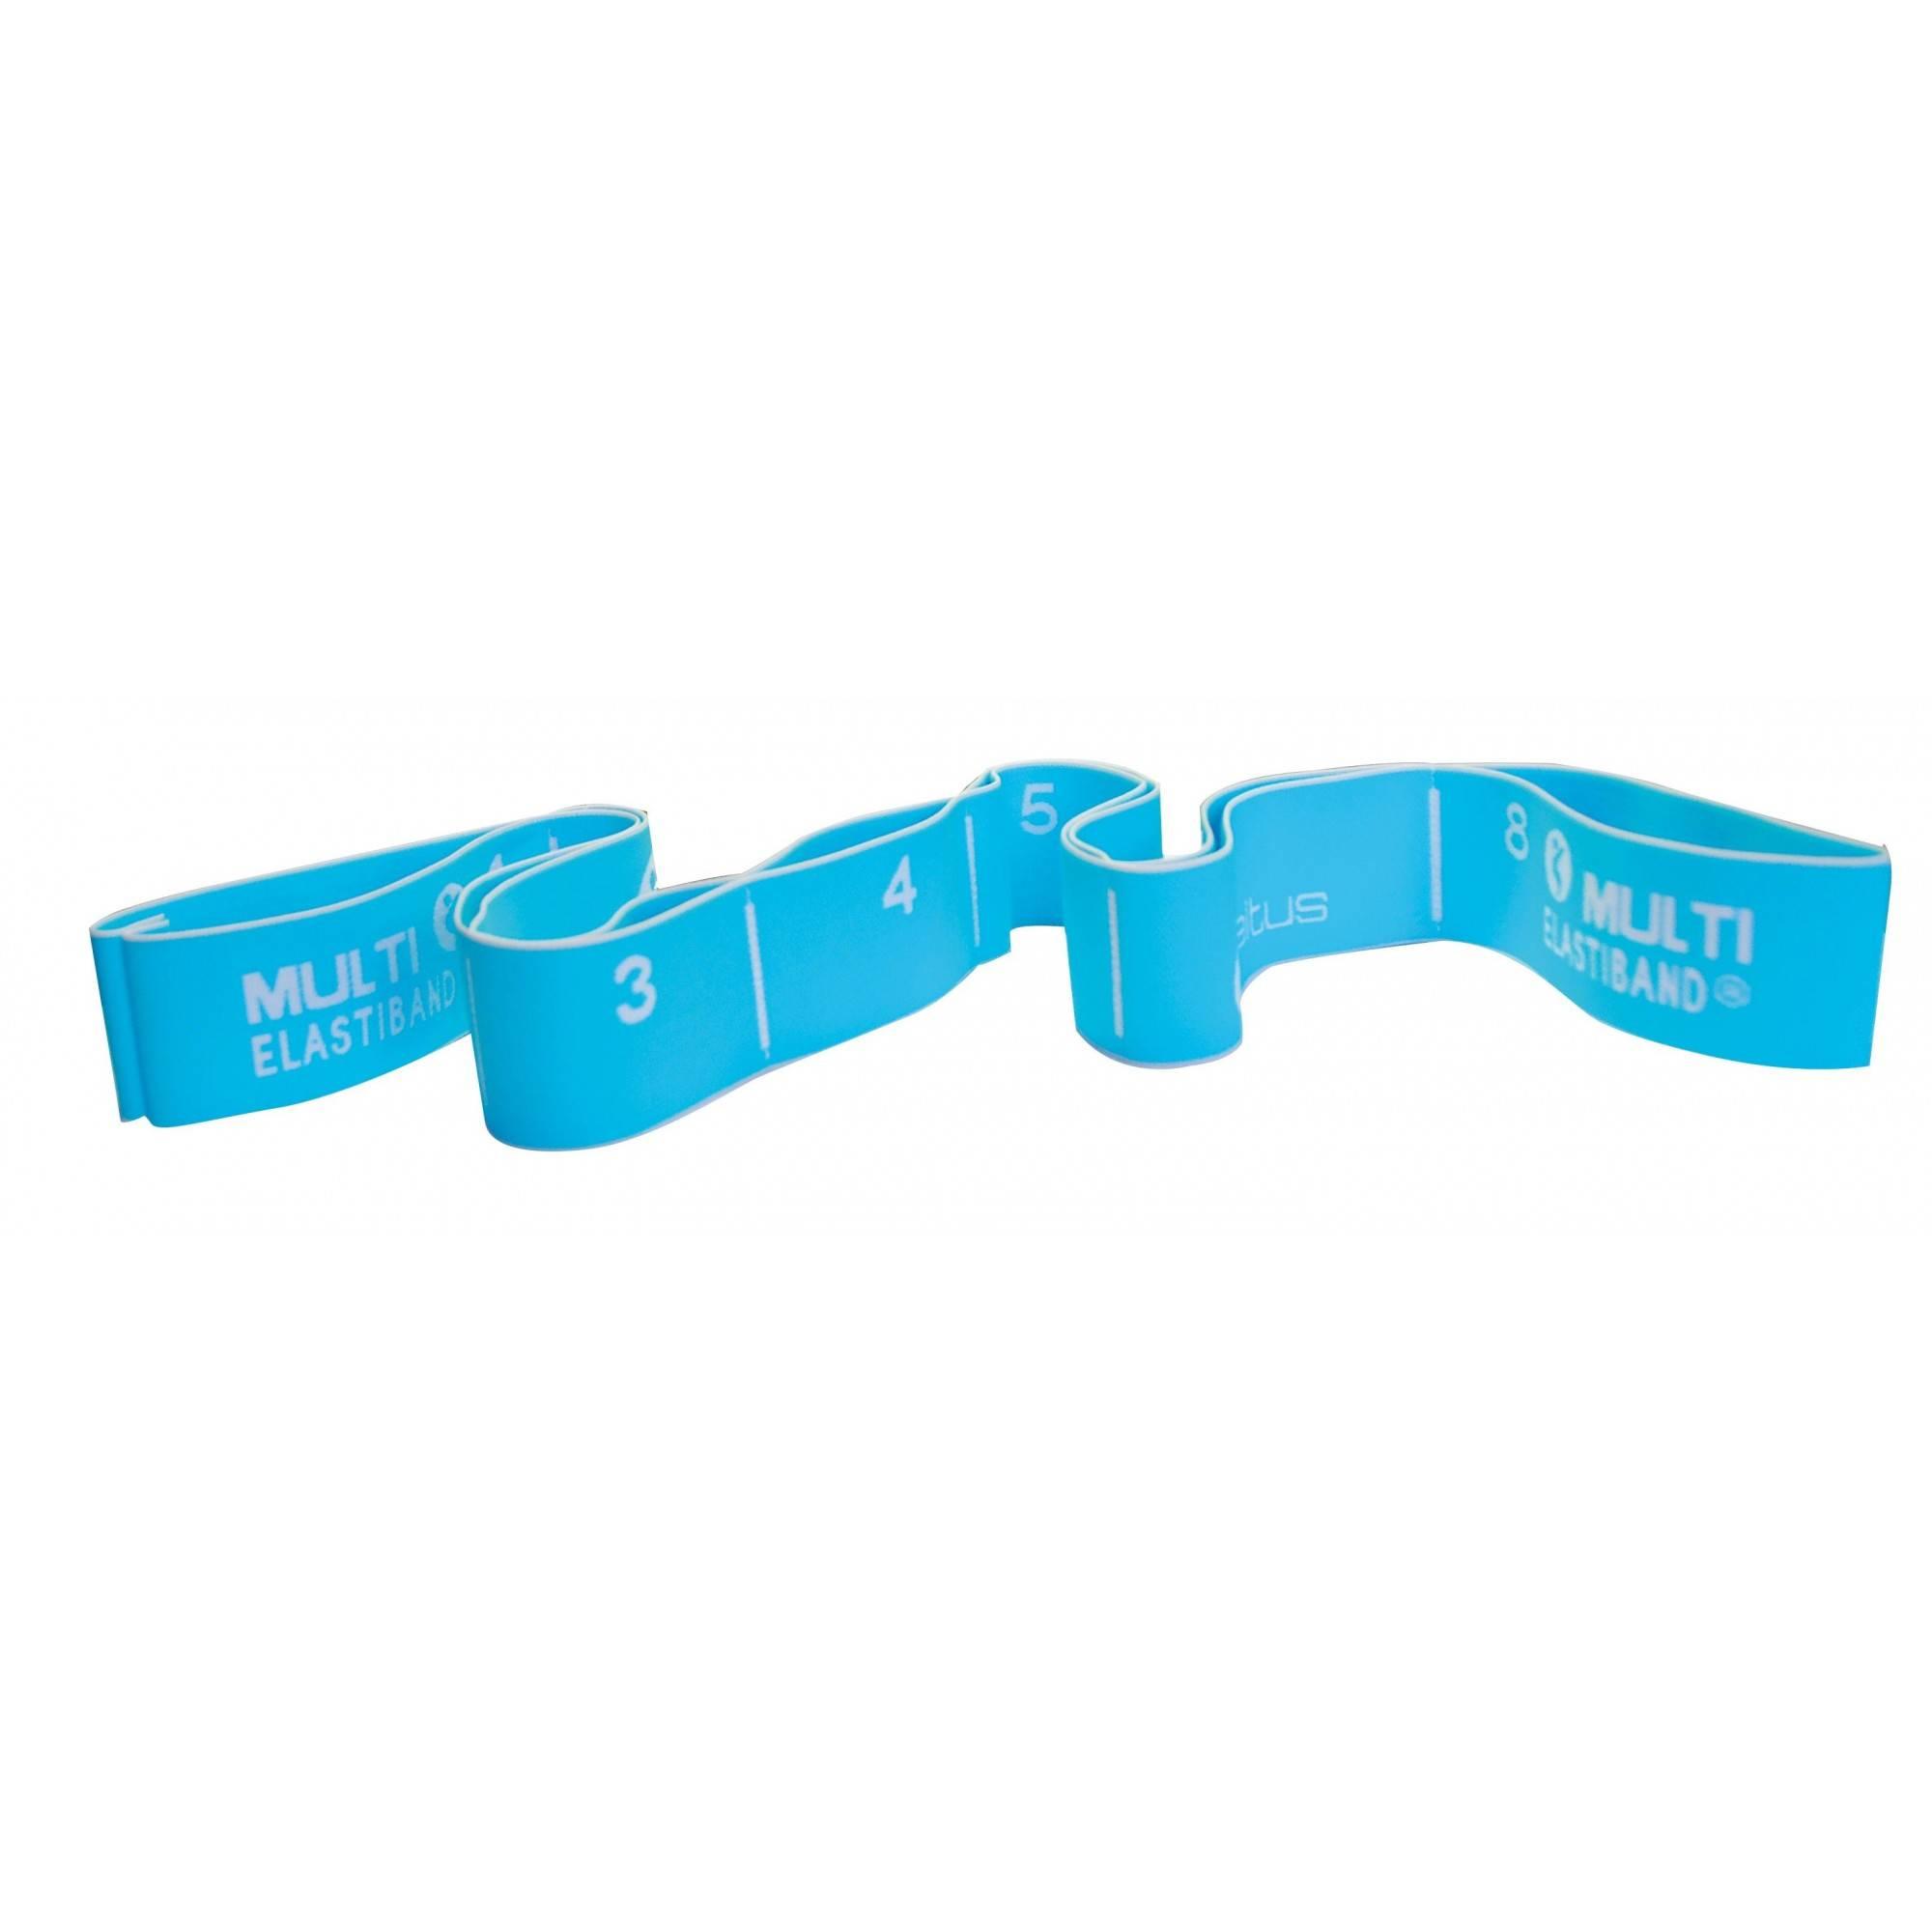 Elastyczna taśma do ćwiczeń Elastiband® Multi 20kg   długość 110cm   niebieska Sveltus - 1   klubfitness.pl